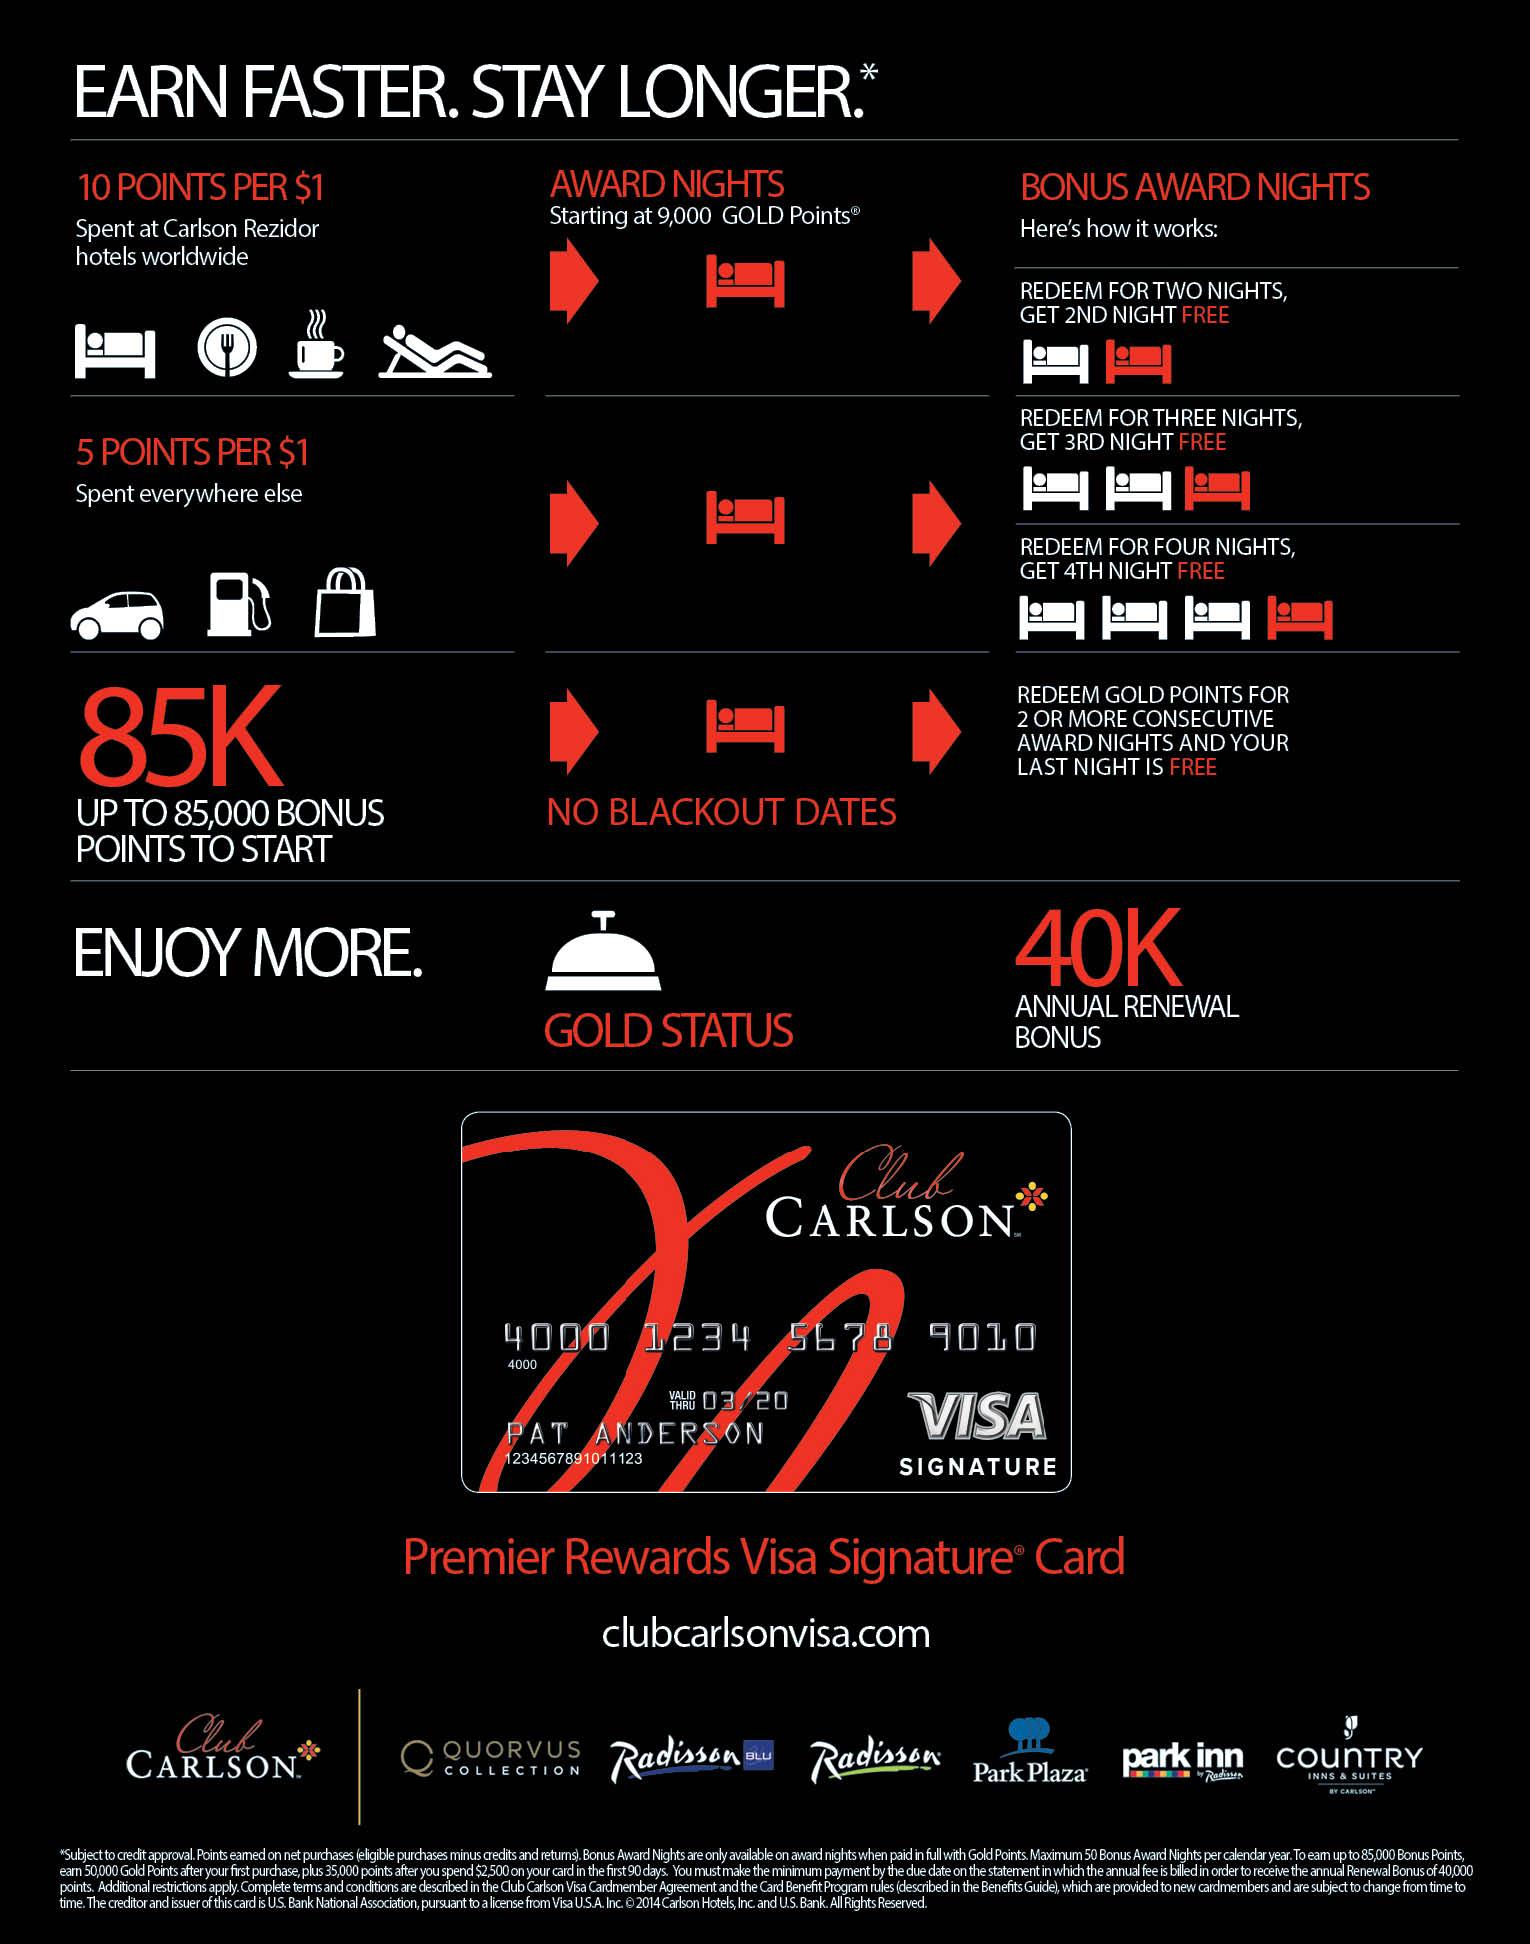 12cca001_ClubCarlsonPremierRewards_Infographic_r13